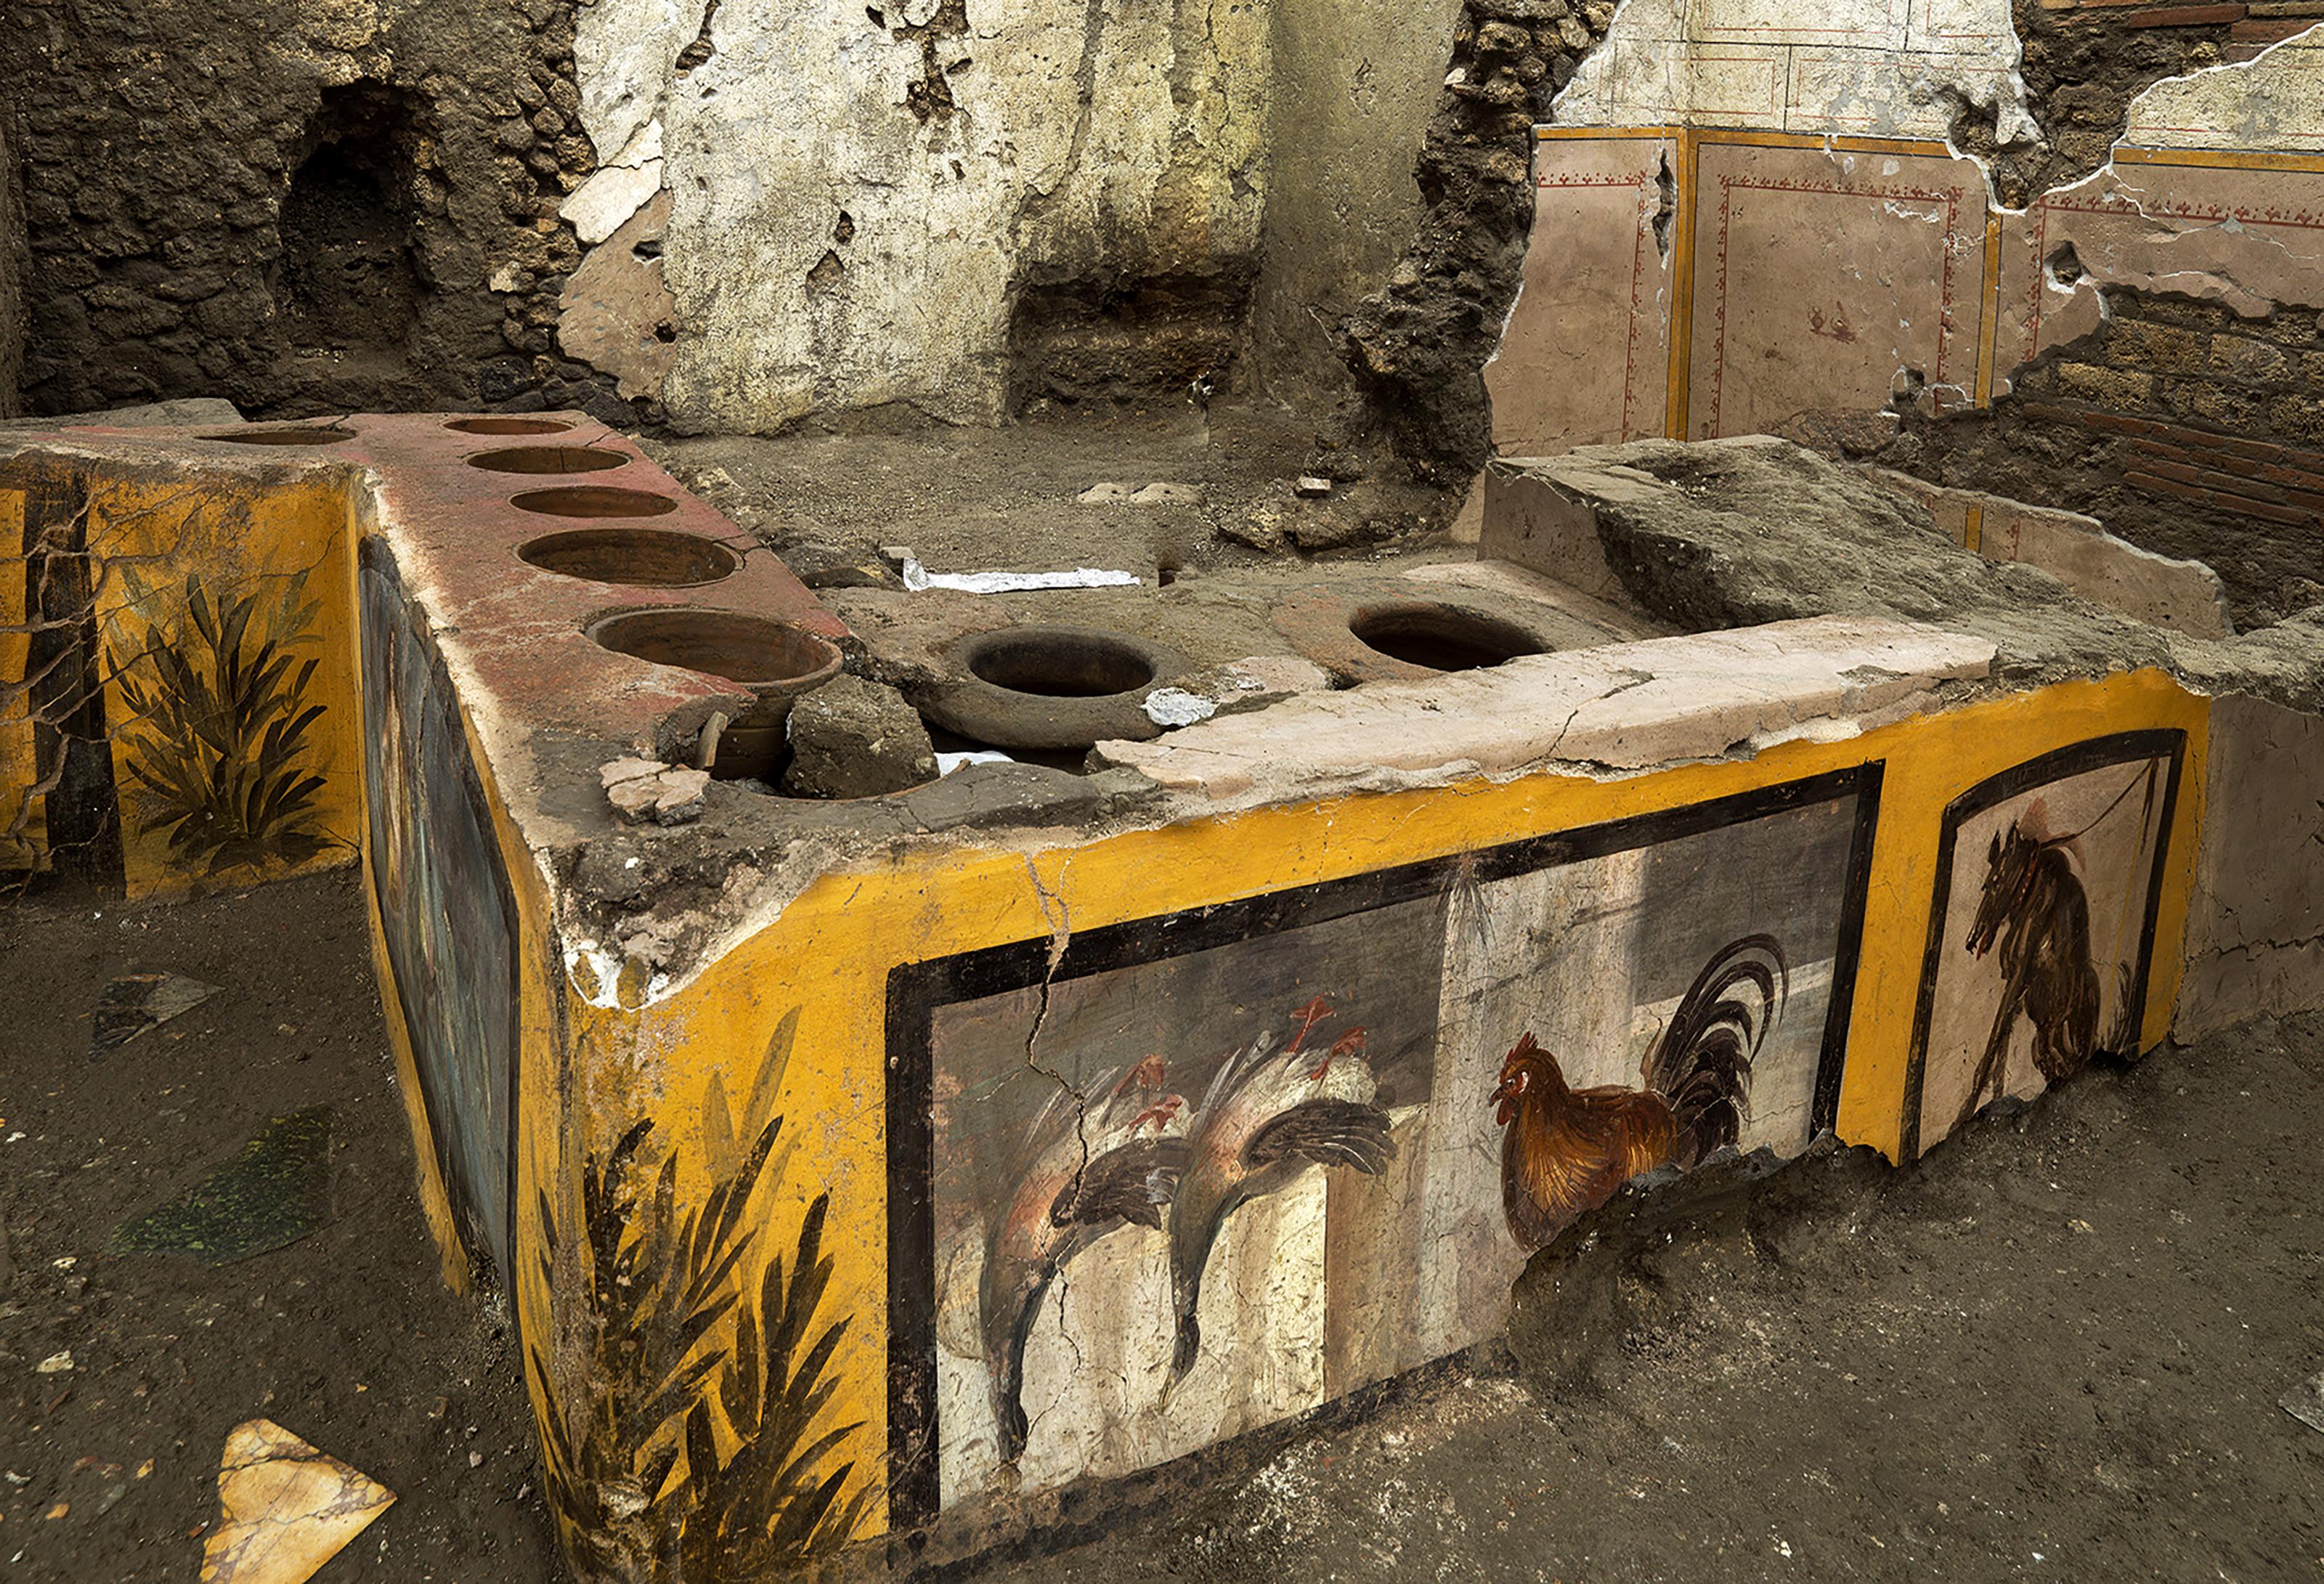 Freskókkal díszített antik fast food üzlet került elő Pompeiiben